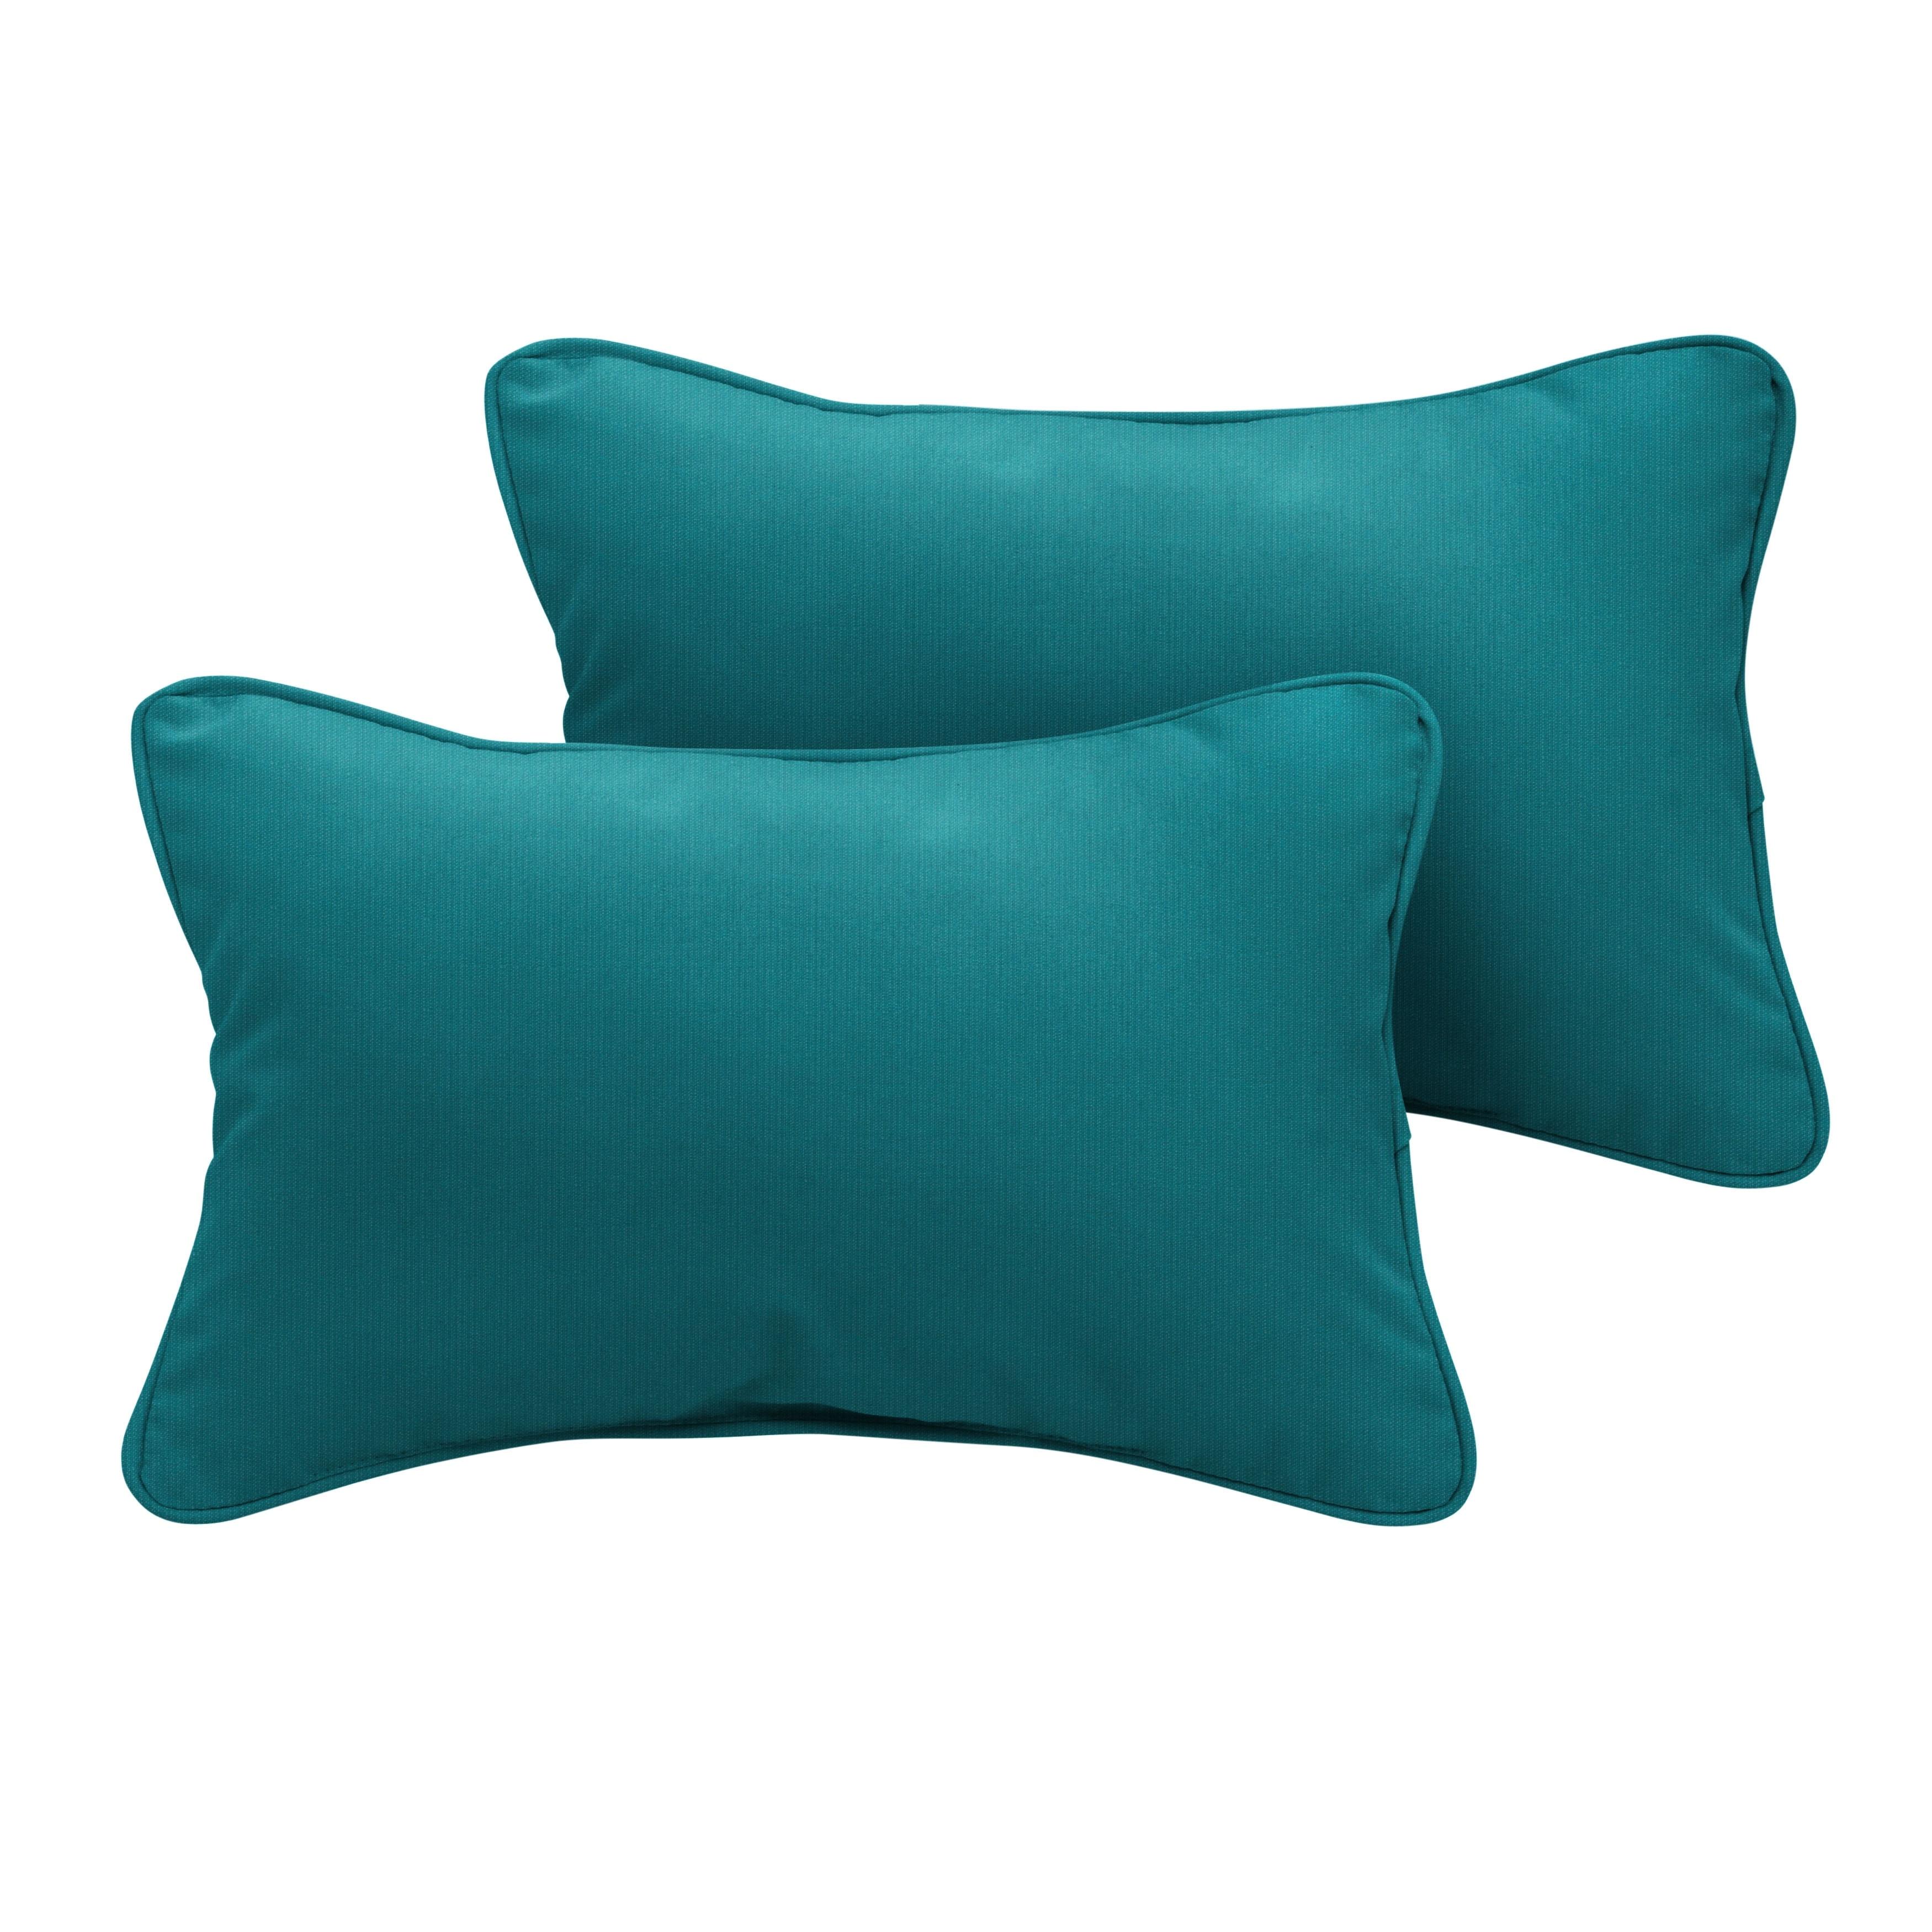 Sunbrella Spectrum Peacock Corded Indoor Outdoor Pillows Set Of 2 Overstock 27739968